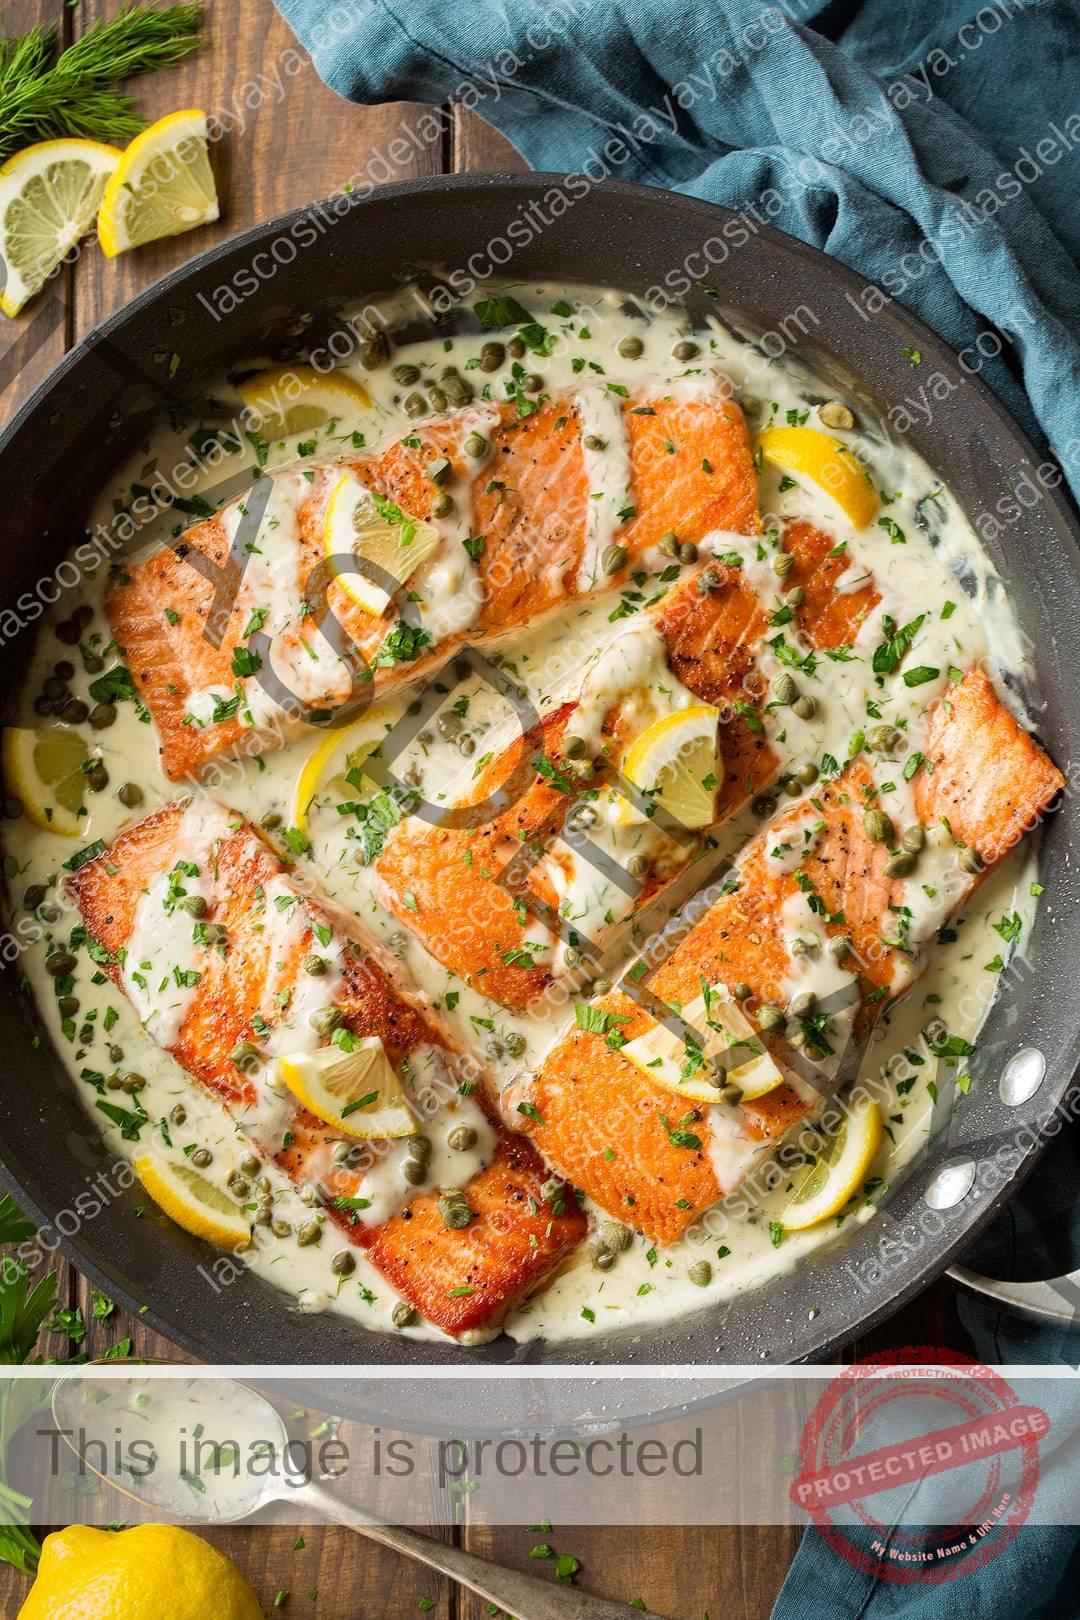 Piccata de salmón que se muestra aquí en una sartén antiadherente de 12 pulgadas después de cocinar.